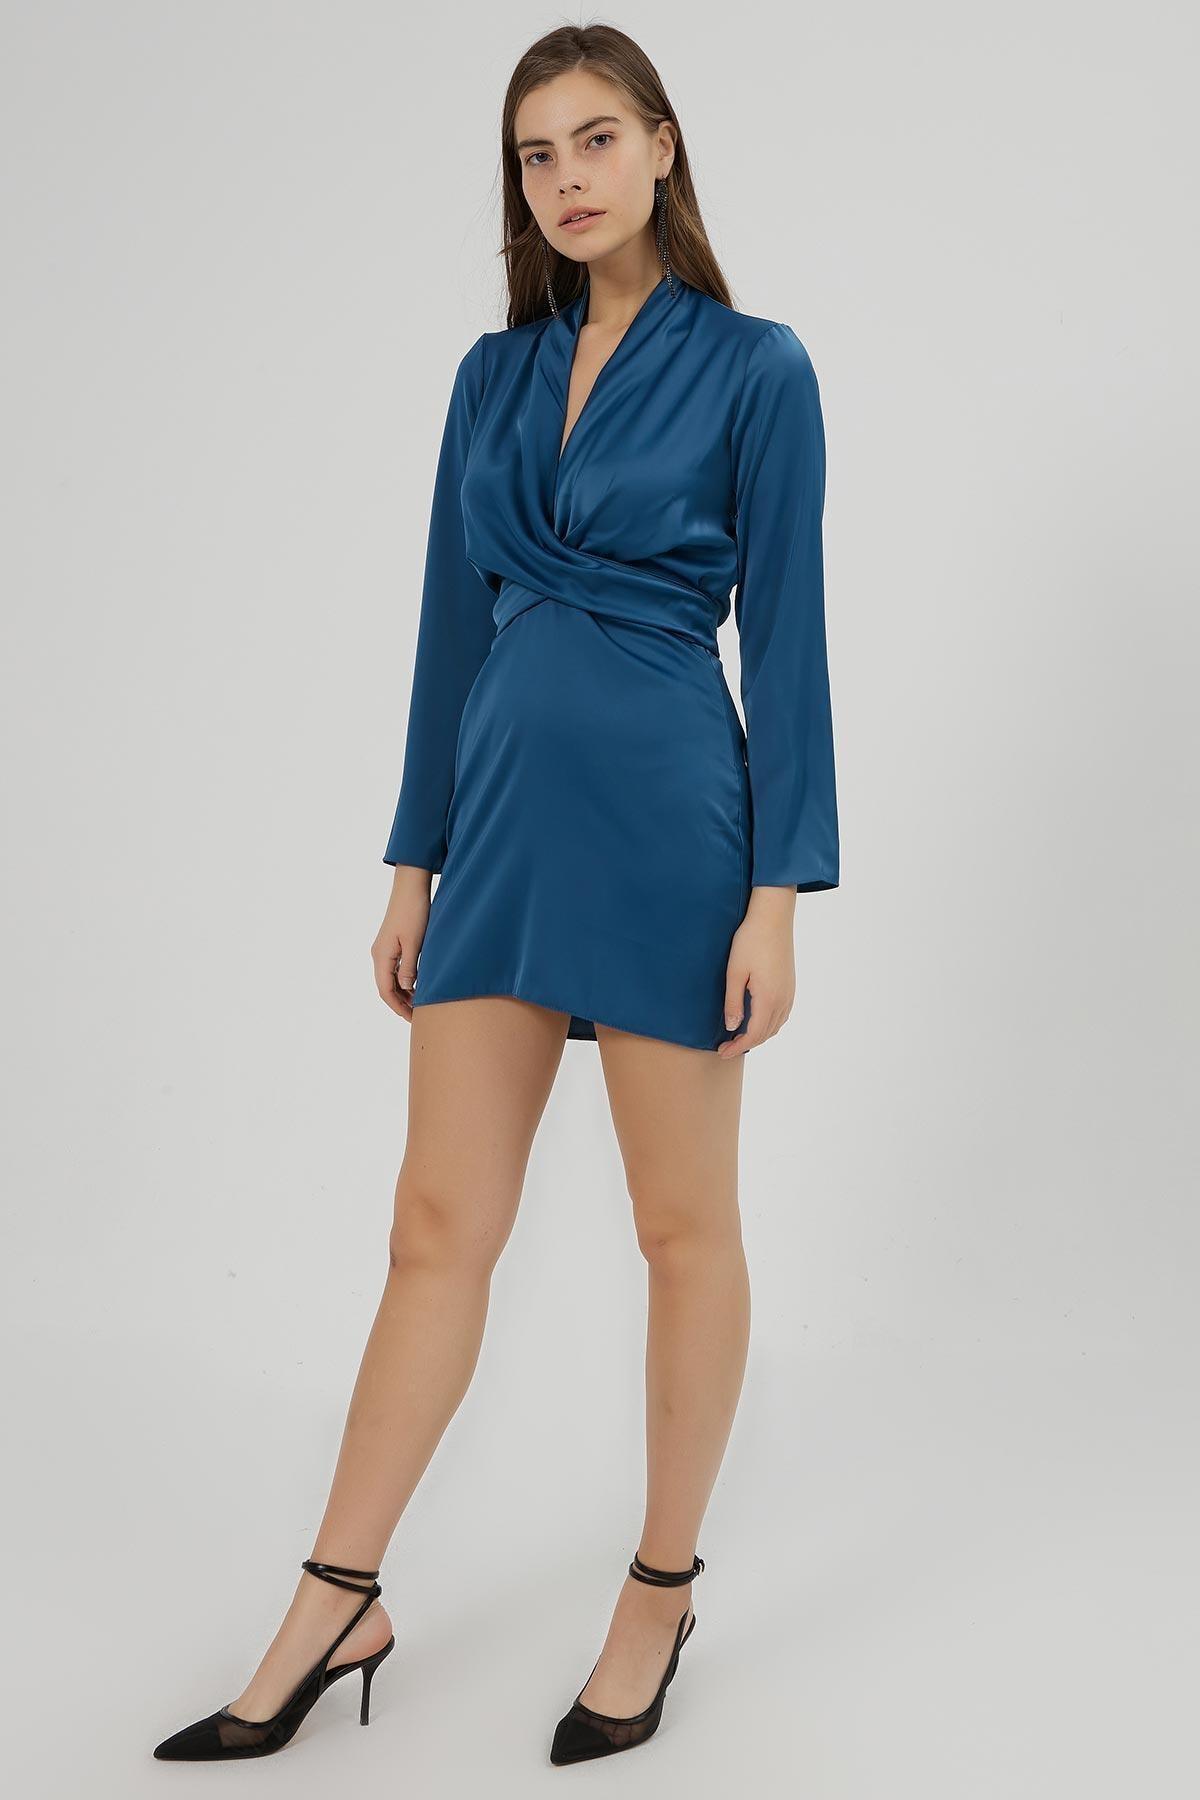 Pattaya Kadın Kruvaze Yaka Bağlamalı Saten Elbise Y20w180-6541 1